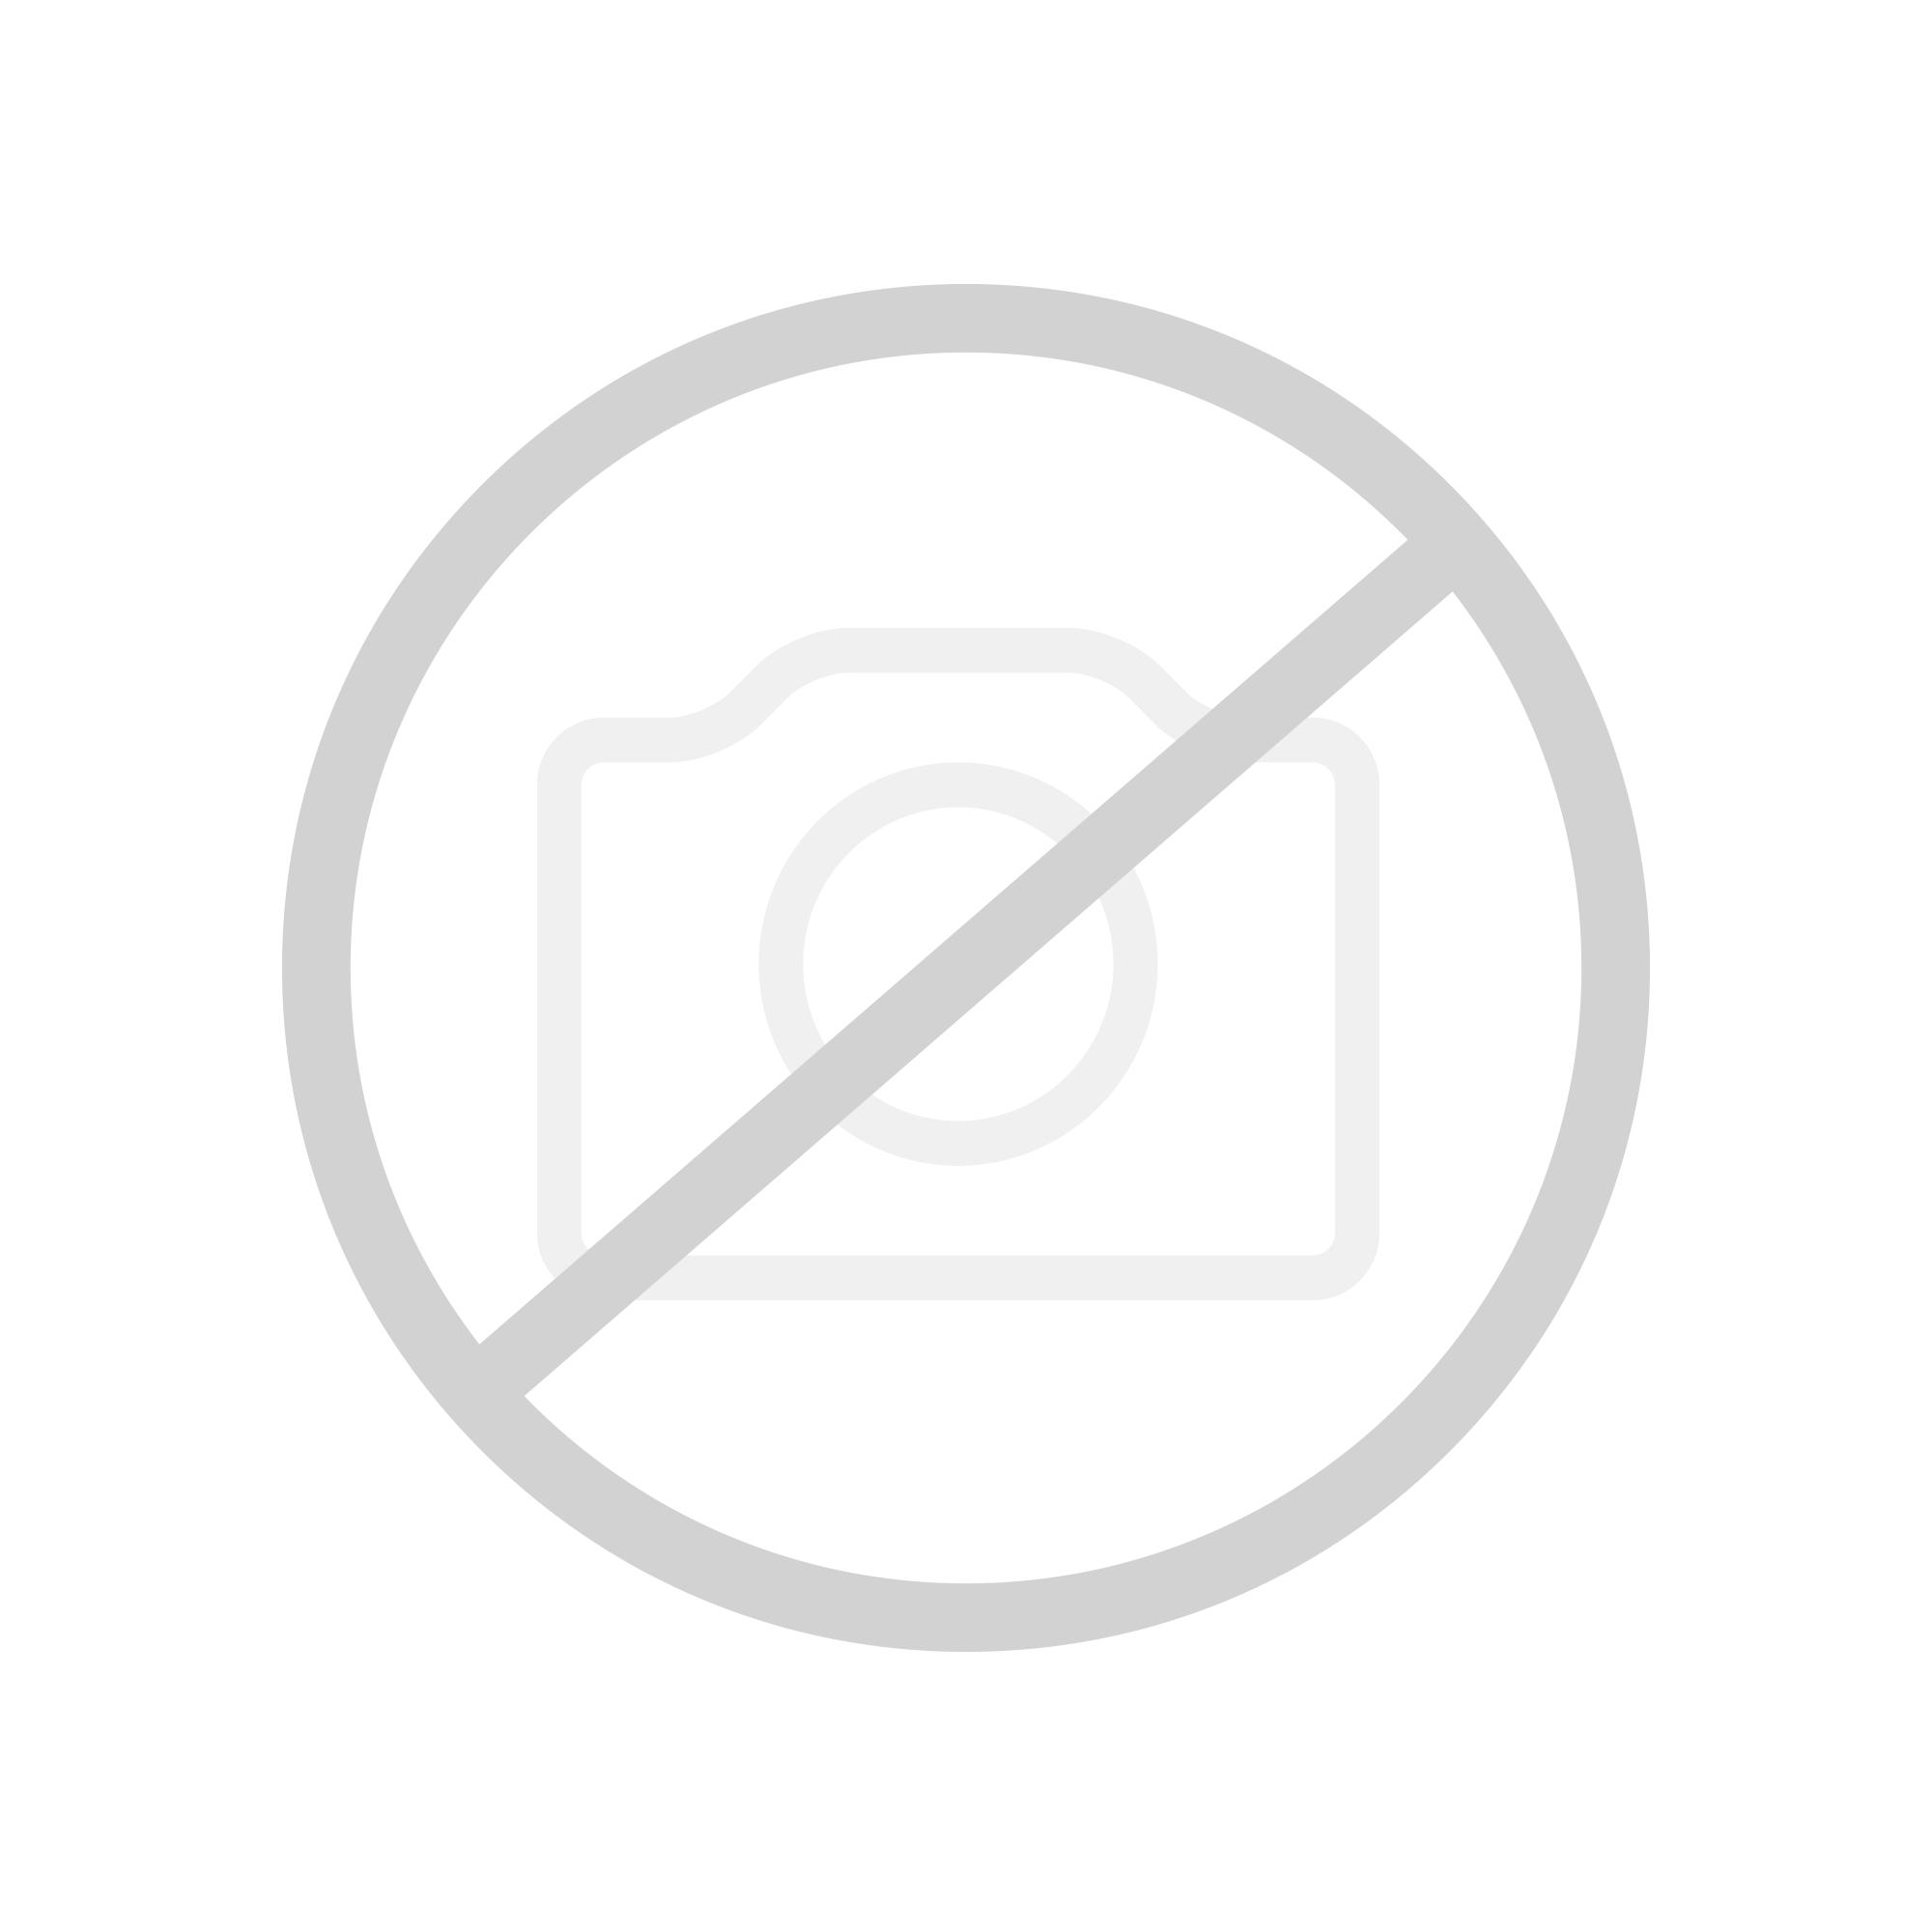 Villeroy & Boch O.novo Waschtisch weiß mit Überlauf